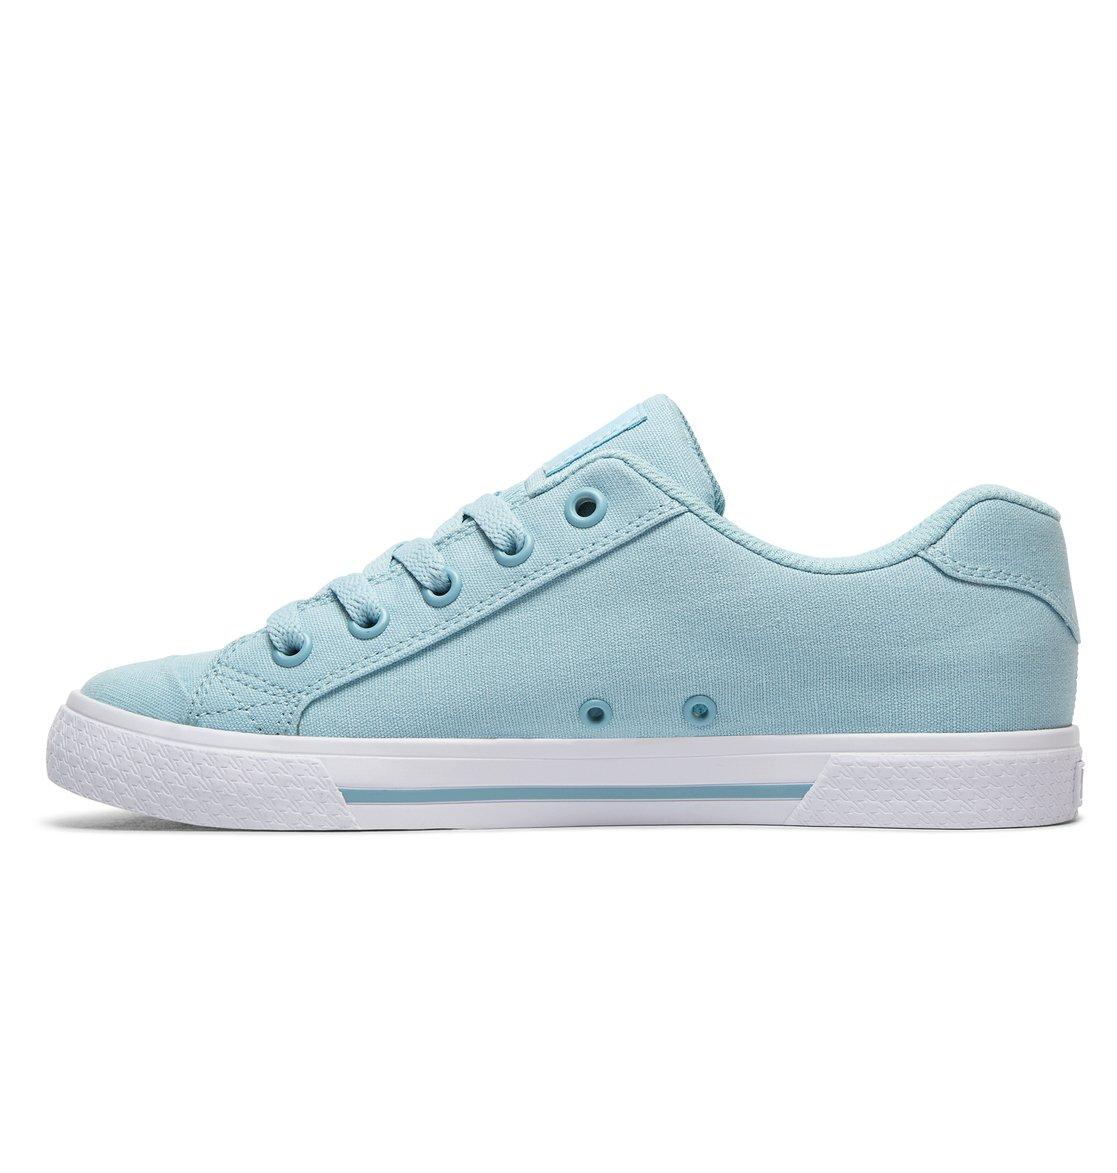 DC Shoes CHELSEA - Zapatillas light blue xbd0LH